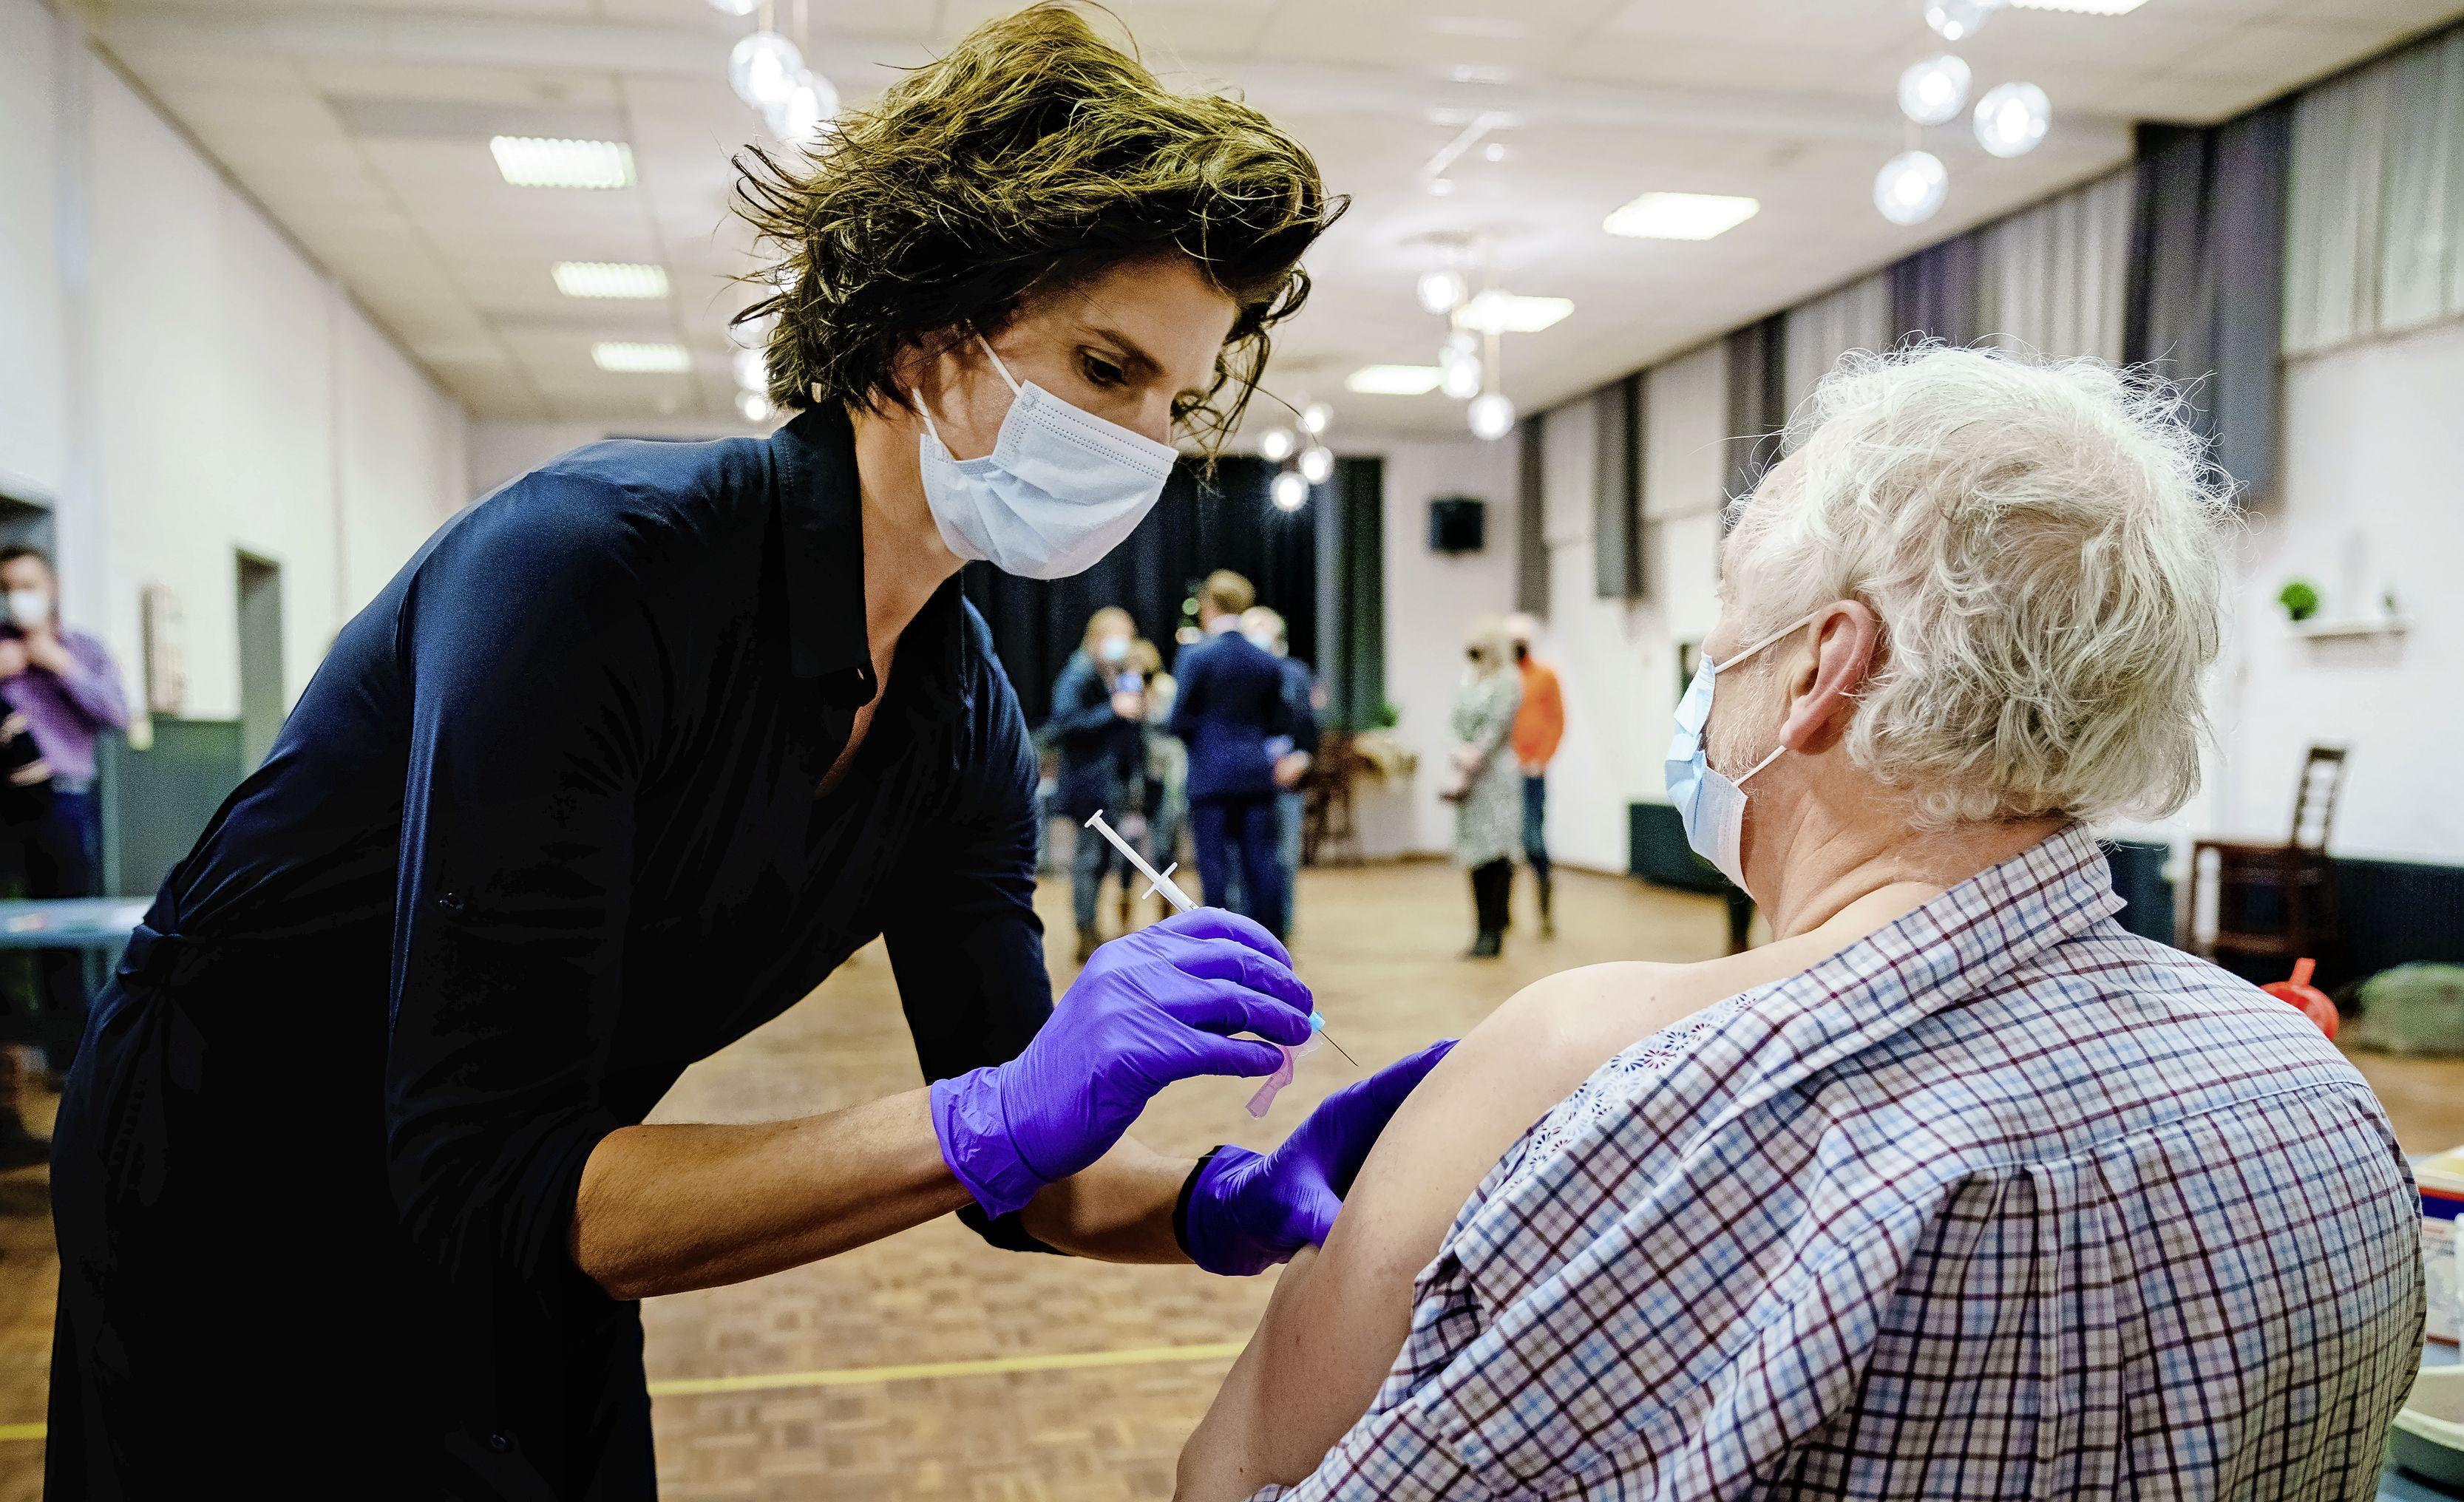 Partner al een vaccin-afspraak maar jij nog niet? Zo ben je eerder aan de beurt bij GGD of huisarts